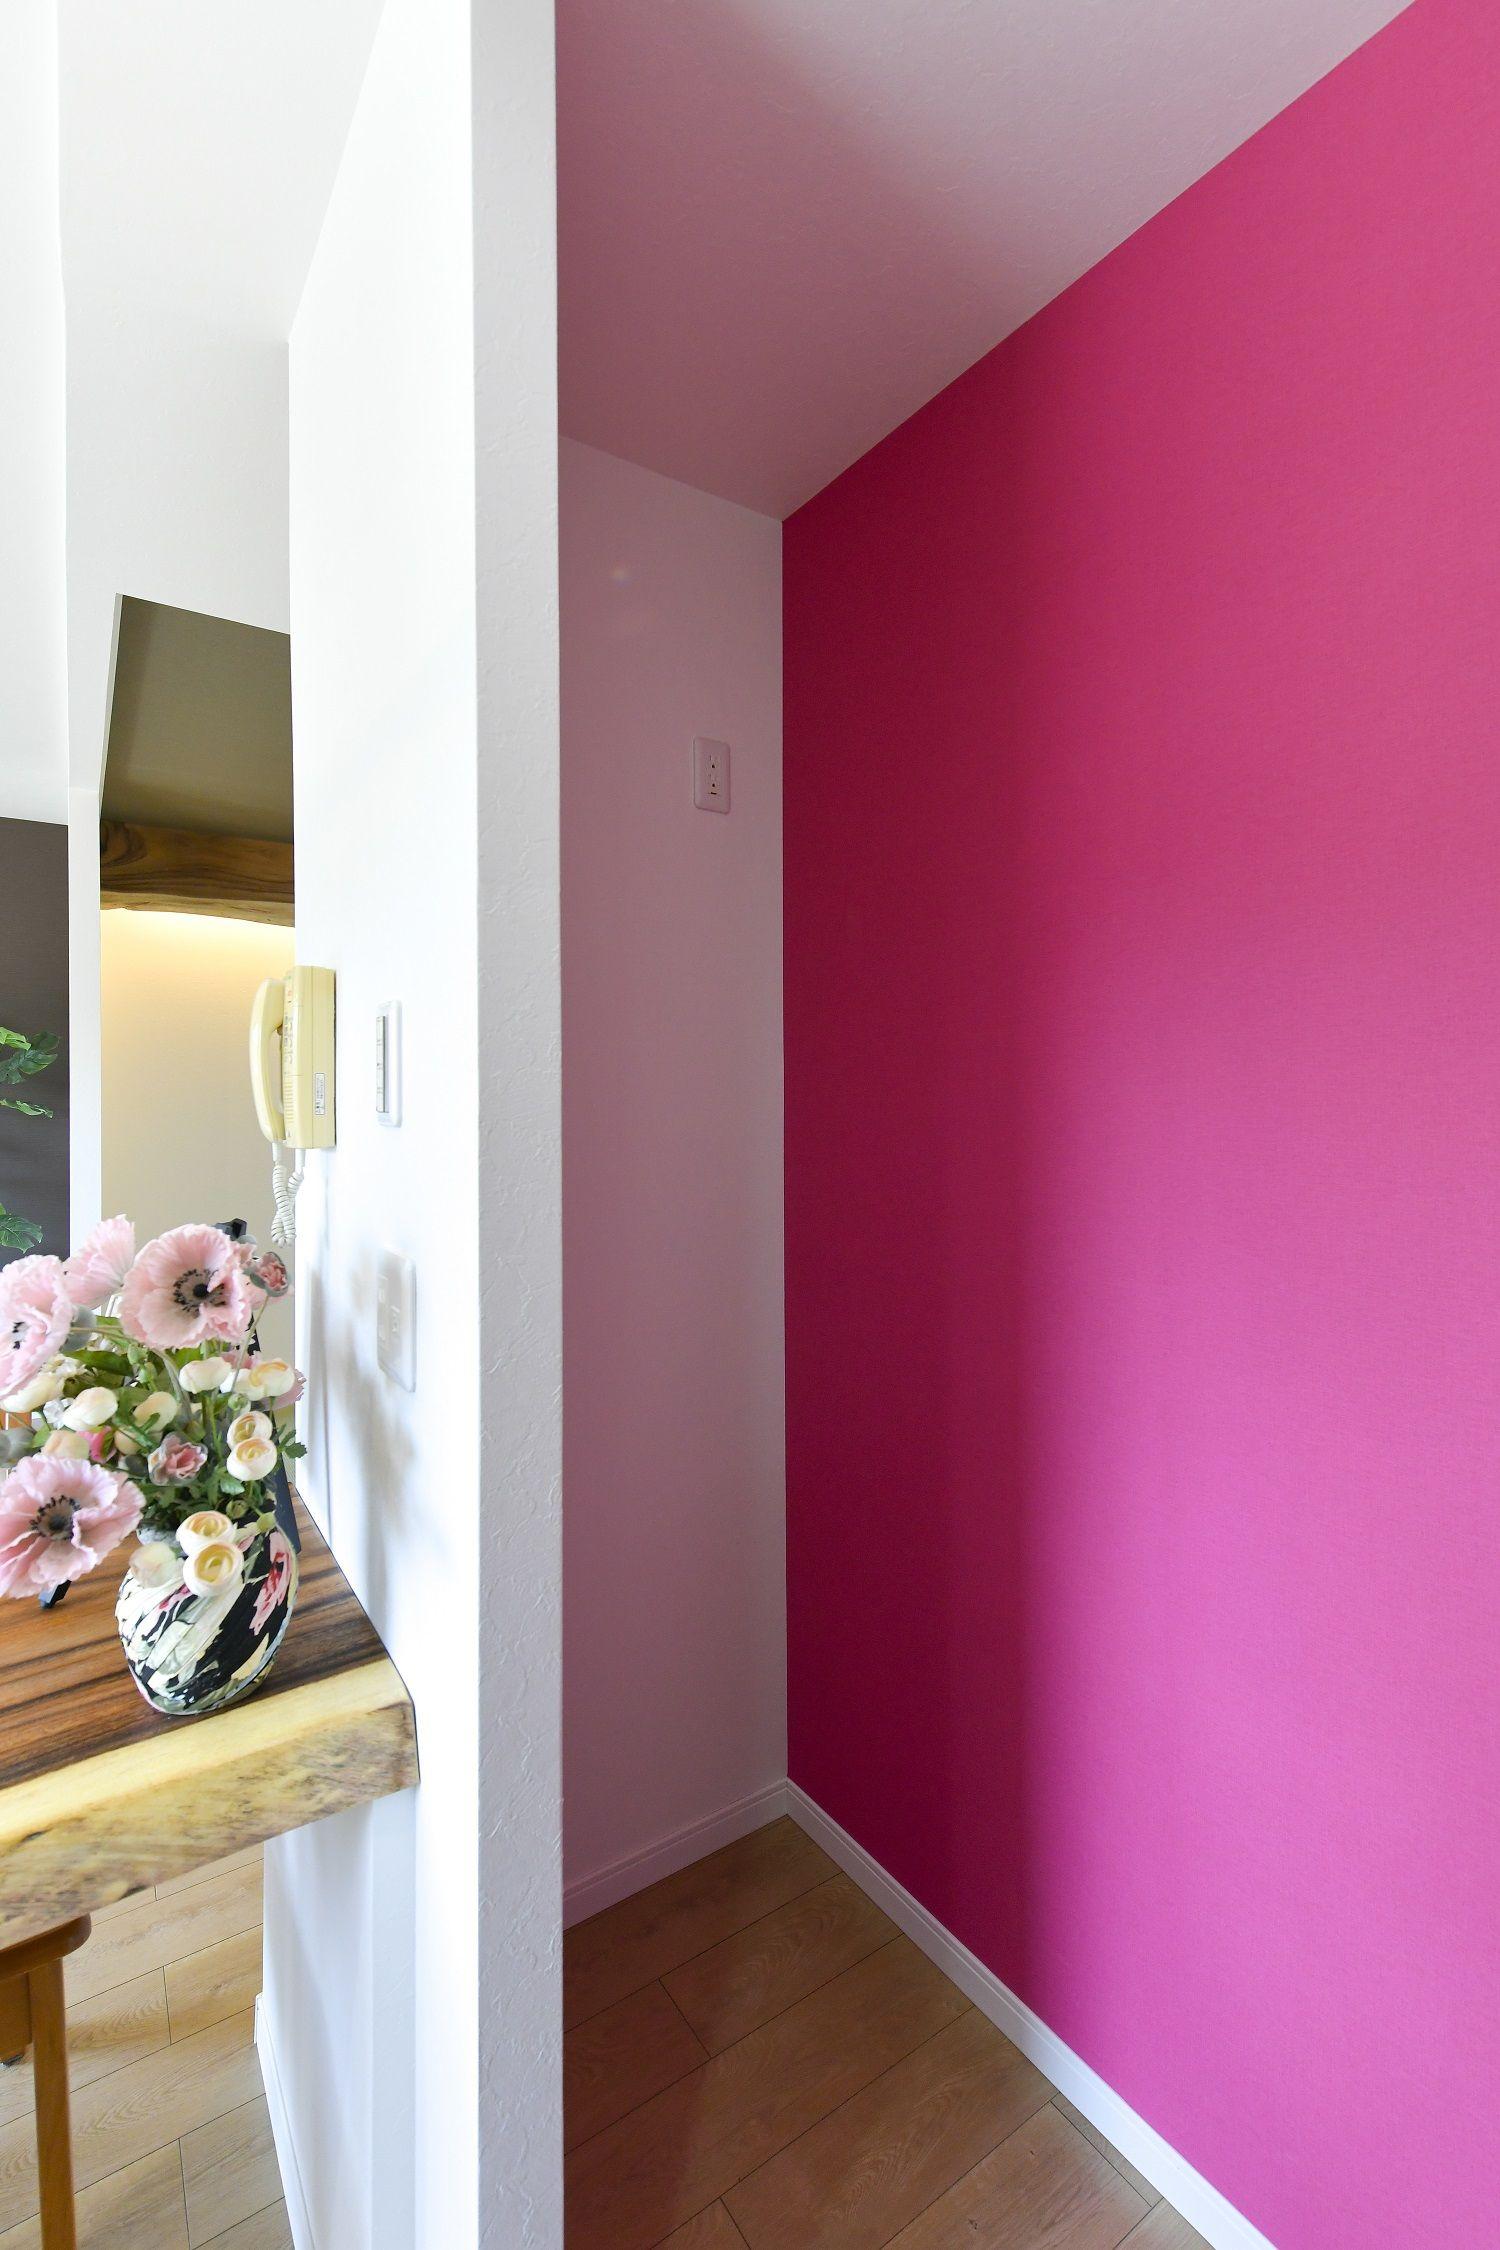 ピンク色のアクセントクロス ピンク 壁紙 クロス 可愛いコーナー